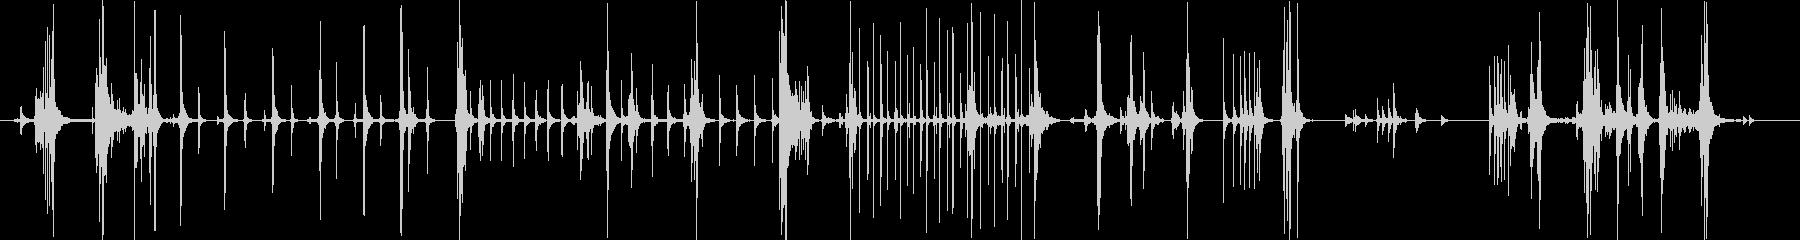 【機械】 動作 08 タイプの未再生の波形